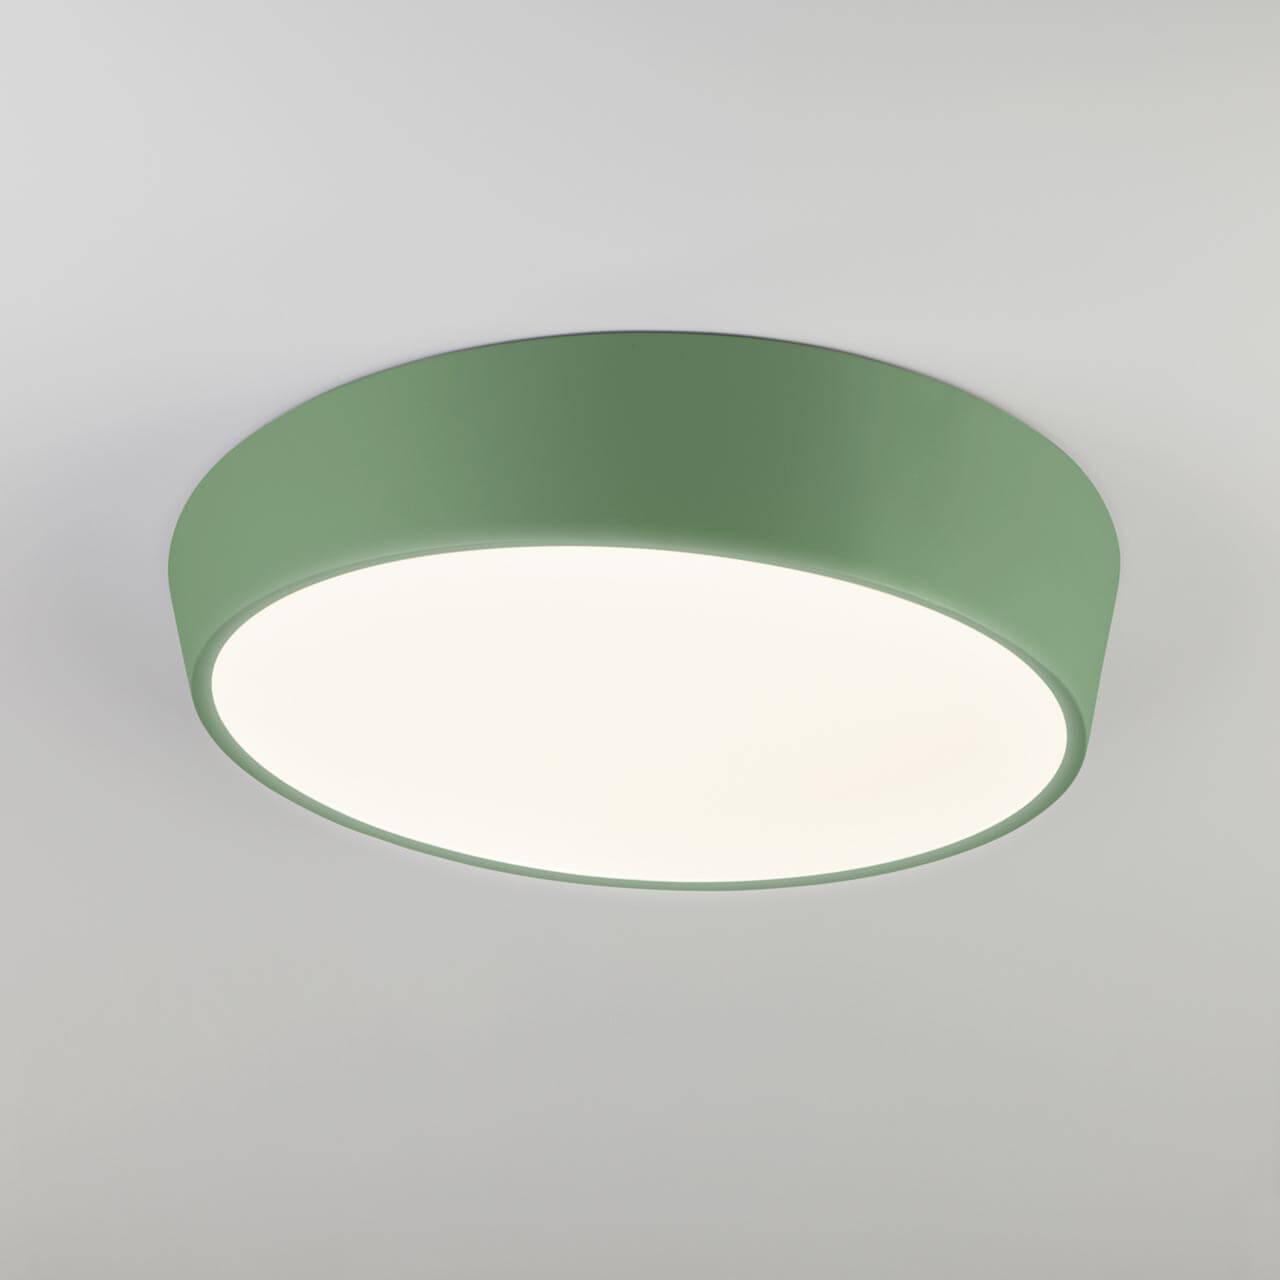 Светильник Eurosvet 90113/1 зеленый Visual